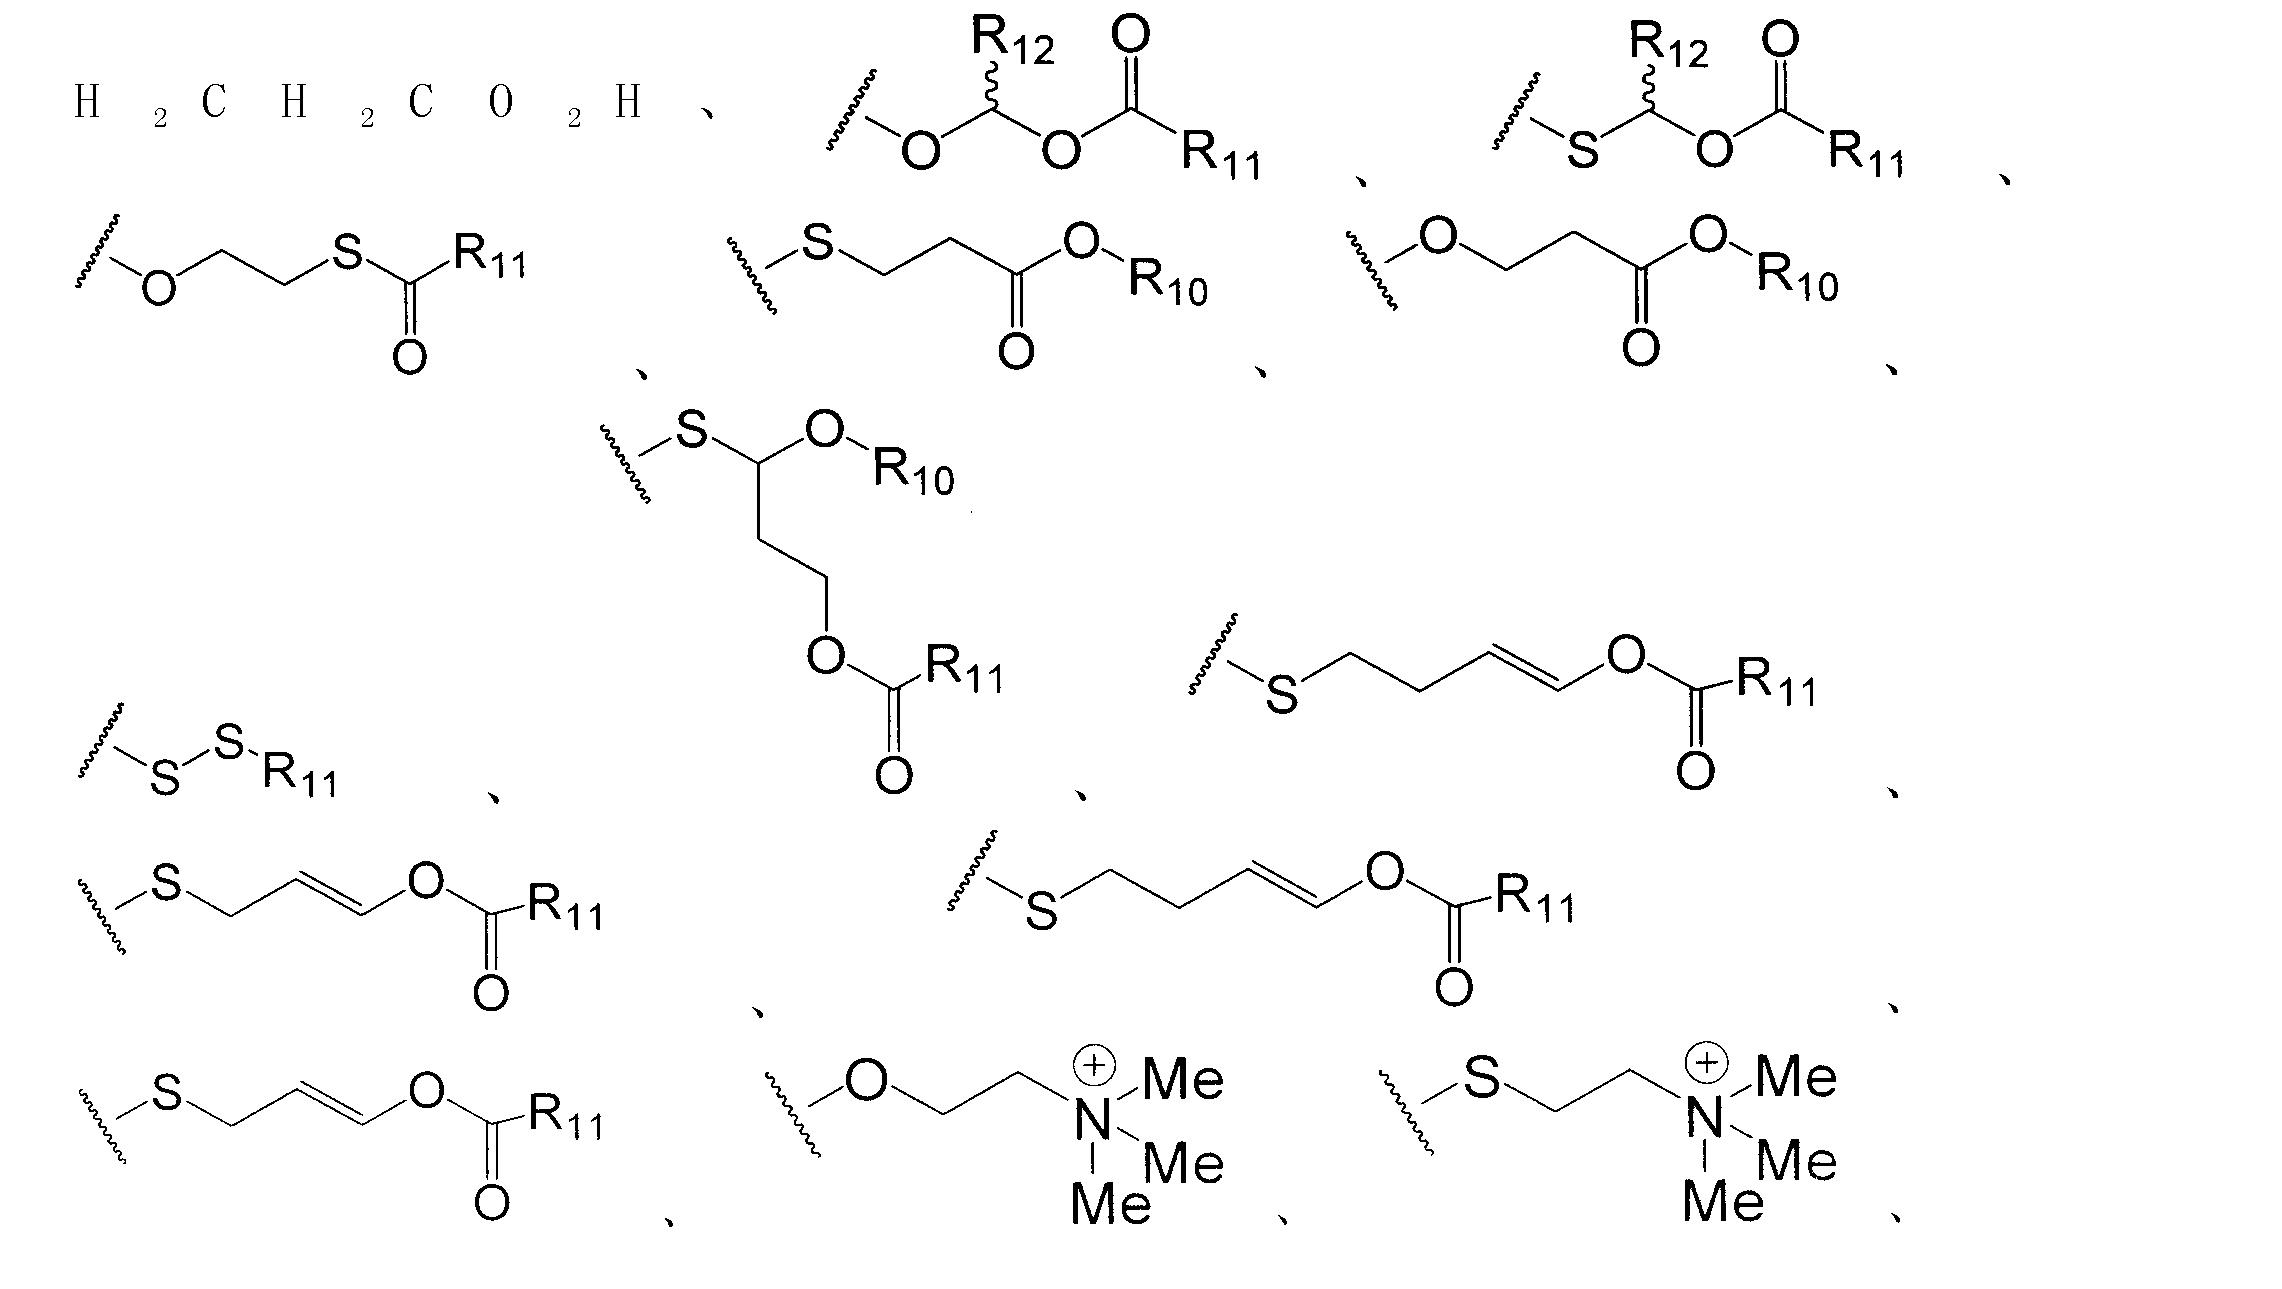 原子的烷基;R11是烷基、芳基、杂芳基、杂环基或环烷基;并且R12是氢或烷基。 [0098] 另一个实施方案提供包含具有通式1结构的核酸前药的药物组合物,其中Rltl是甲基。另一个实施方案提供包含具有通式1结构的核酸前药的药物组合物,其中R11是甲基。 另一个实施方案提供包含具有通式1结构的核酸前药的药物组合物,其中R12是甲基。 [0099] 一个实施方案提供通过施用治疗量的手性核酸前药治疗与核糖核酸酶L的上调相关的疾病的方法。另一个实施方案提供治疗与核糖核酸酶L的上调相关的疾病的方法, 其中所述疾病